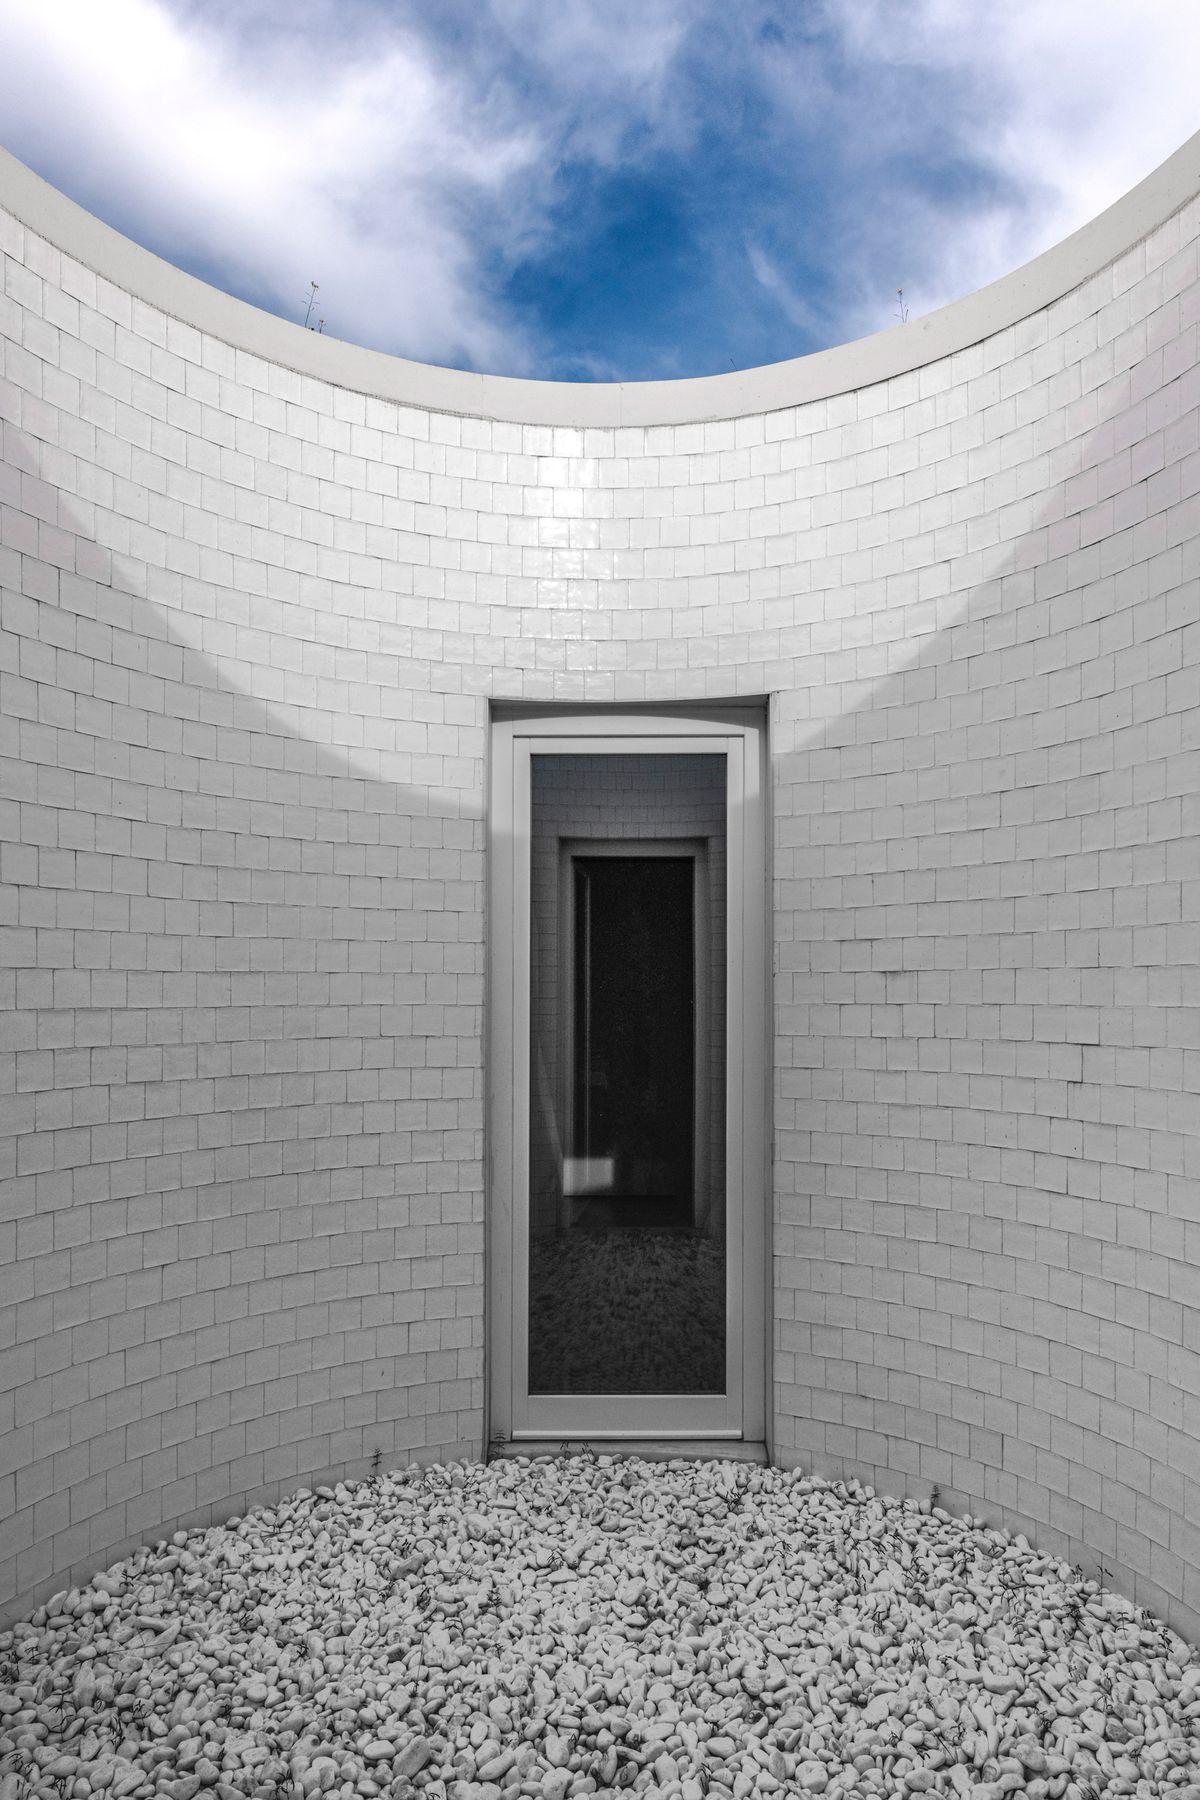 White, circular courtyard.